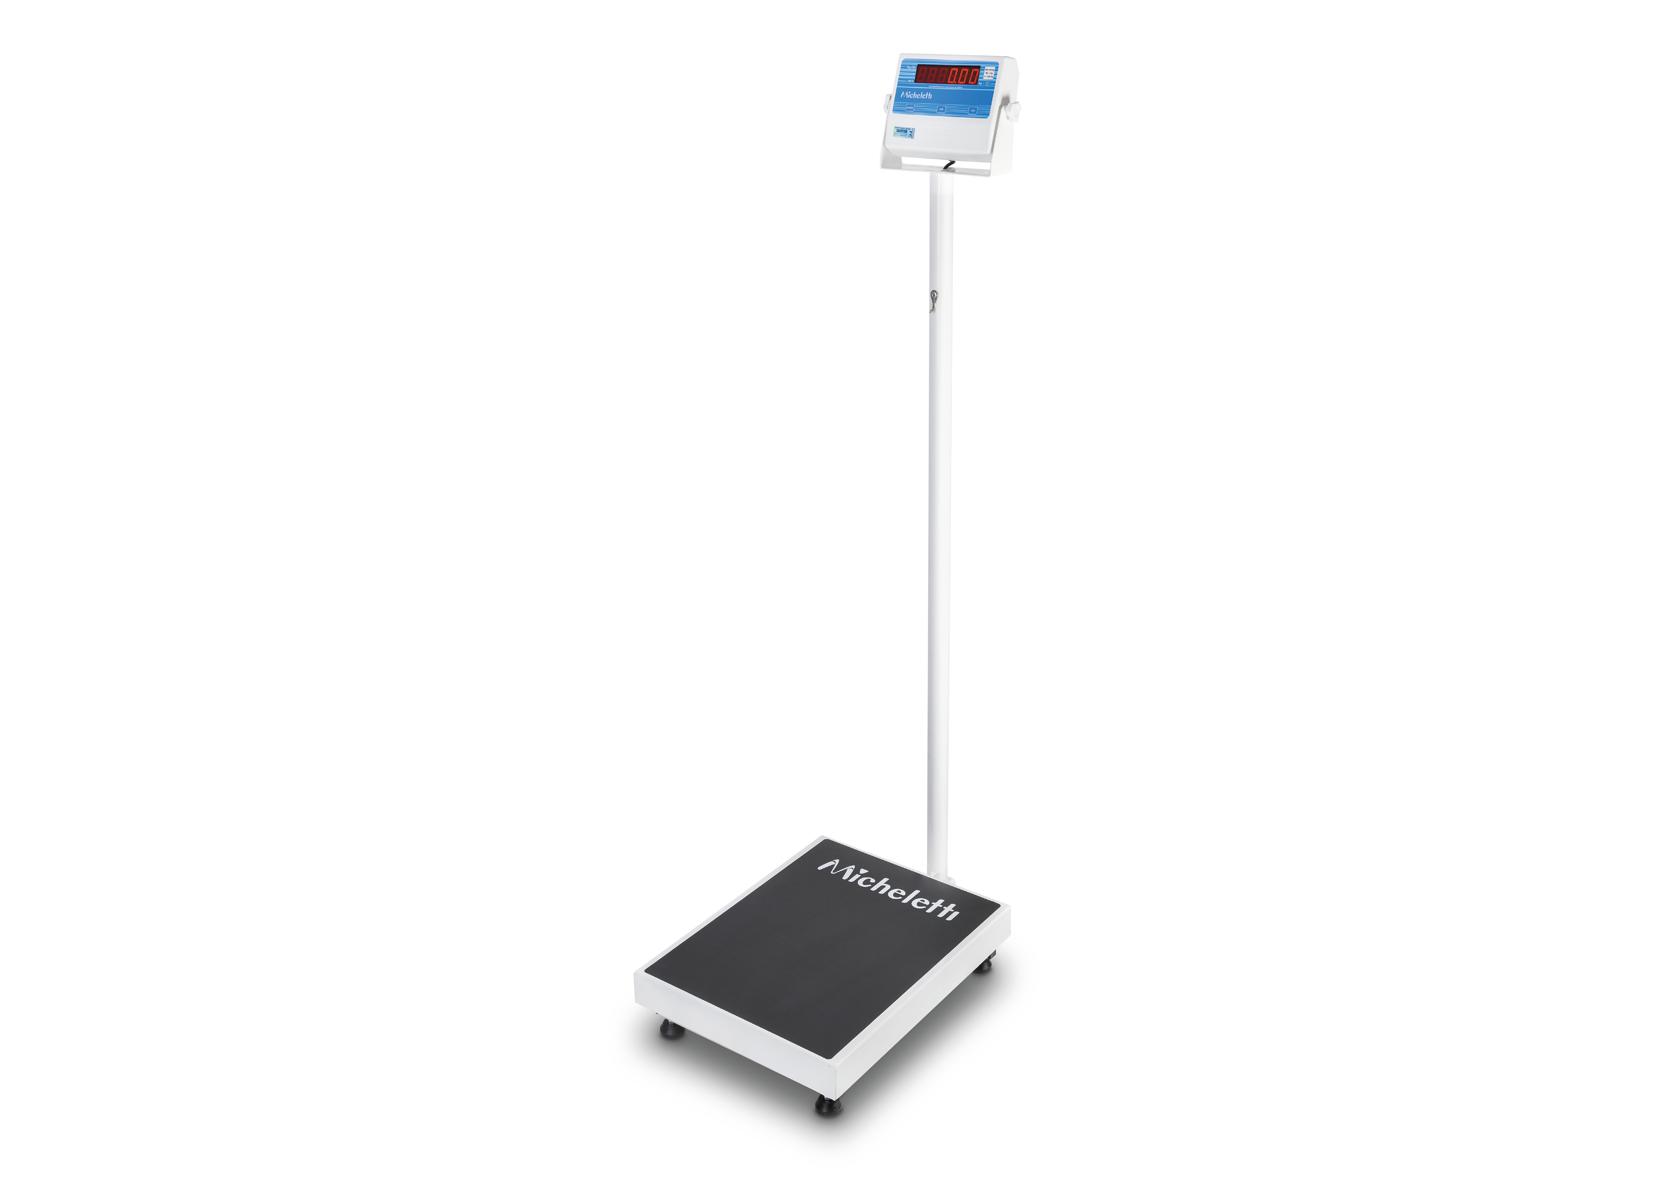 Indicador de pesagem em ABS na cor branca com display de LED de alta  #2E6A9D 1679x1188 Balança De Banheiro Mercado Livre